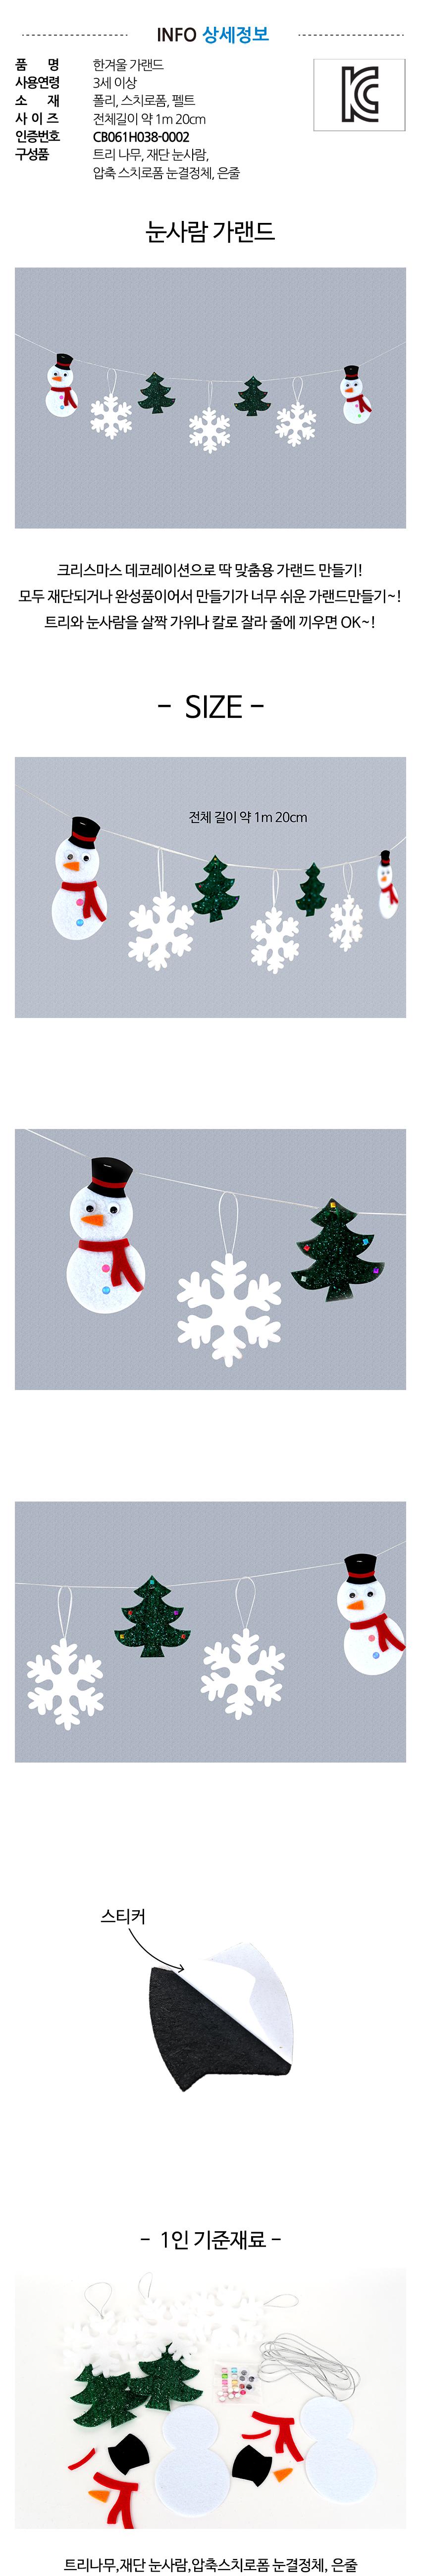 한겨울가랜드 - 미술샘, 3,200원, 펠트공예, 열쇠고리/소품 패키지